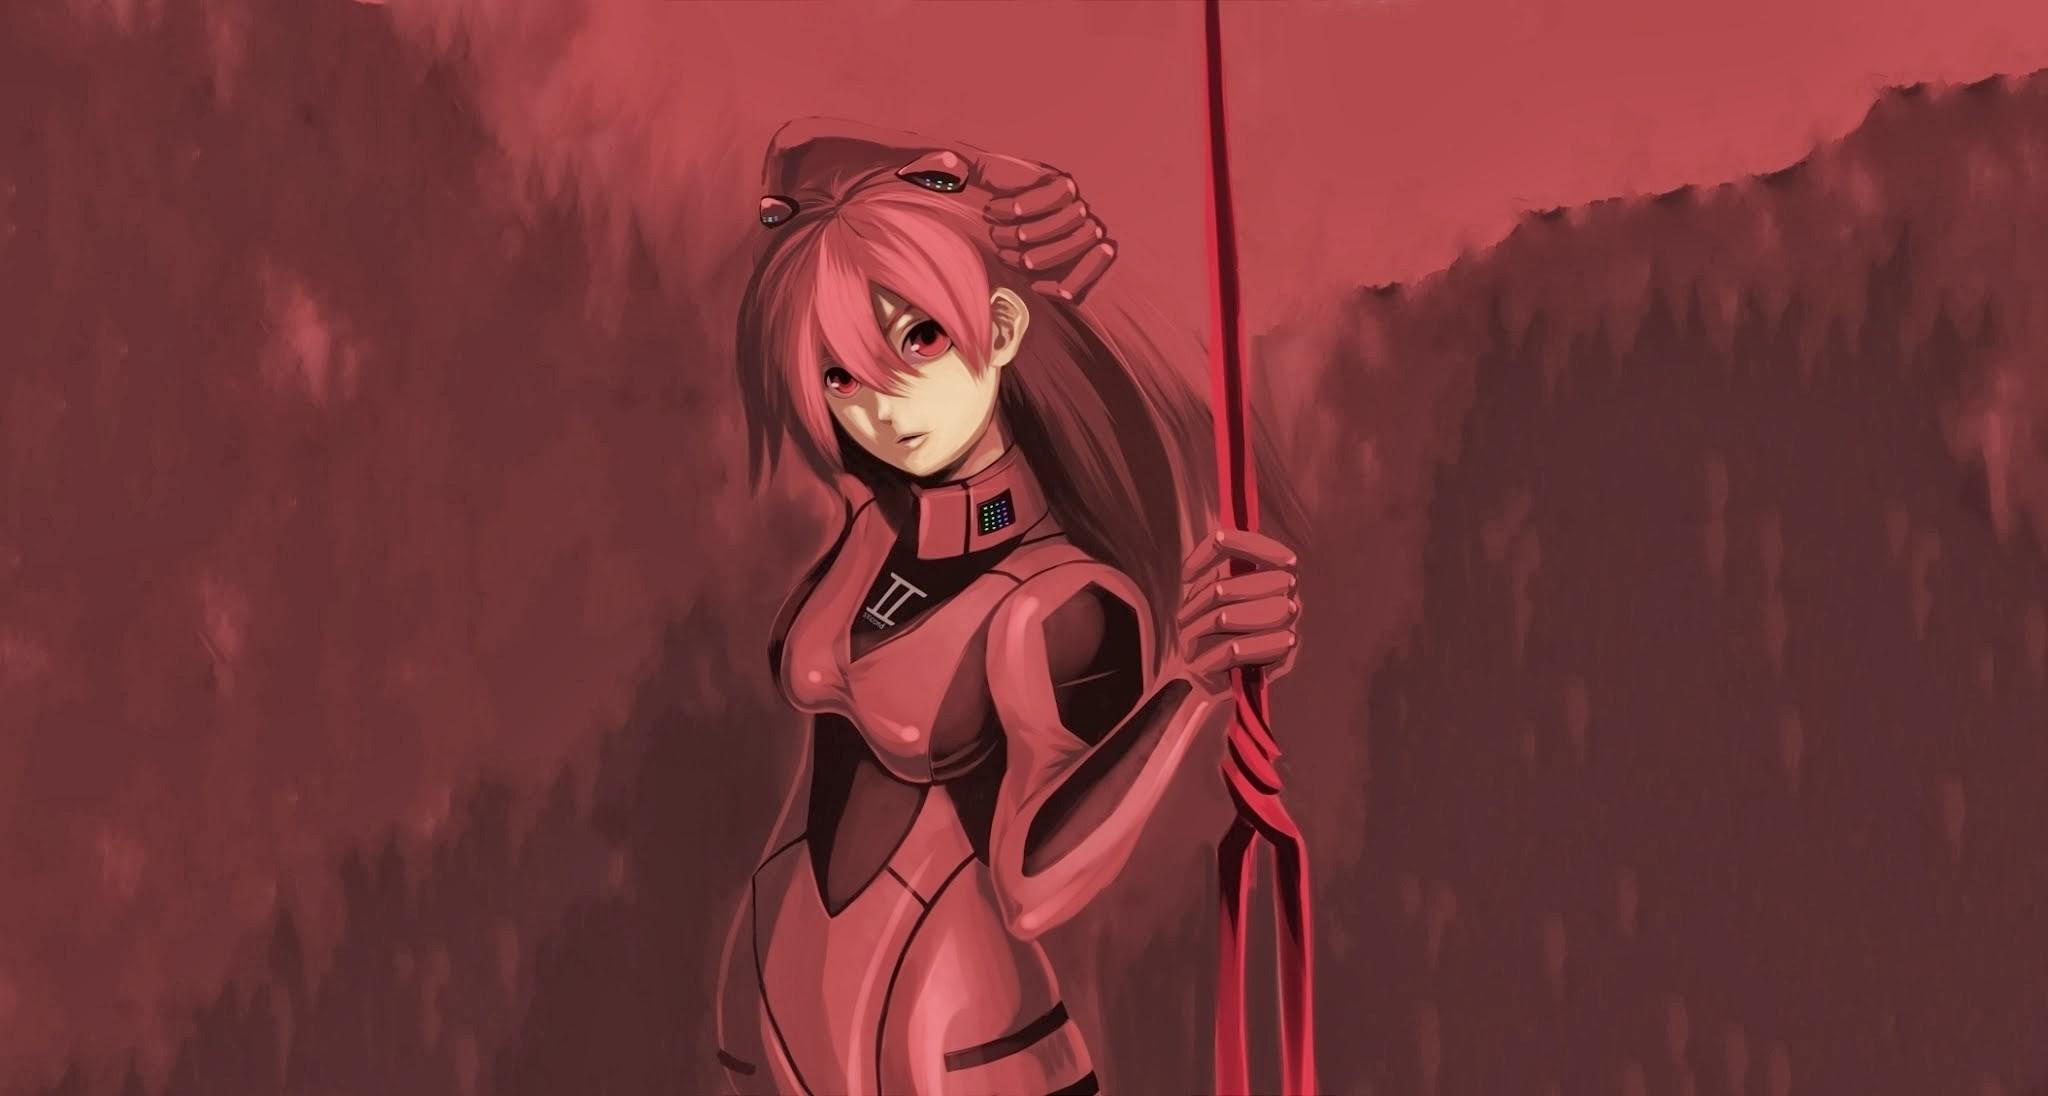 デスクトップ壁紙 図 アニメの女の子 新世紀エヴァンゲリオン